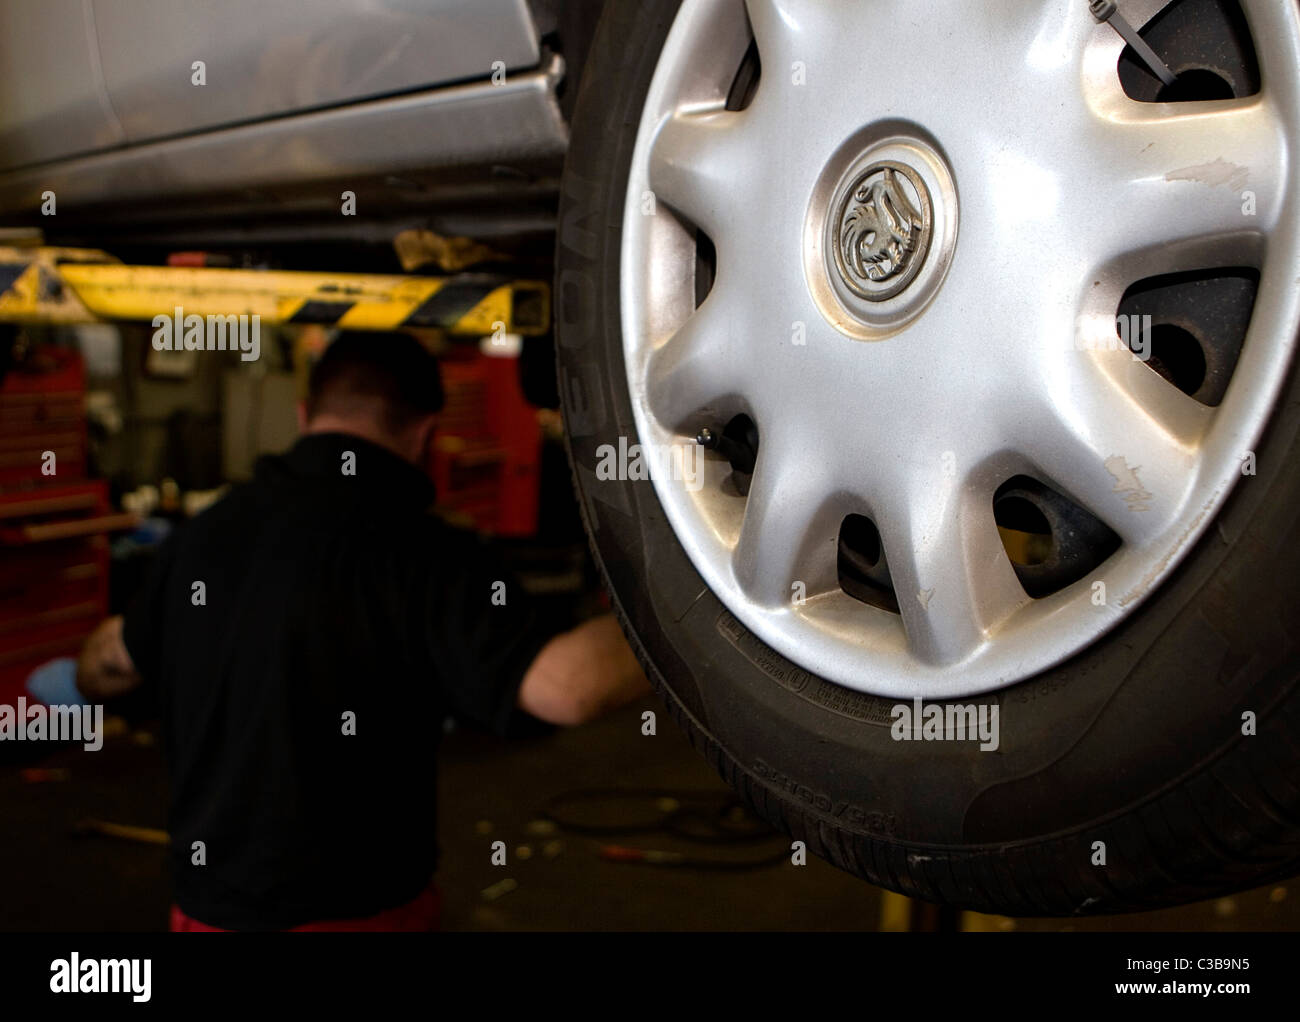 Image d'illustration de Vauxhall voitures, partie de groupe General Motors. Photo Stock